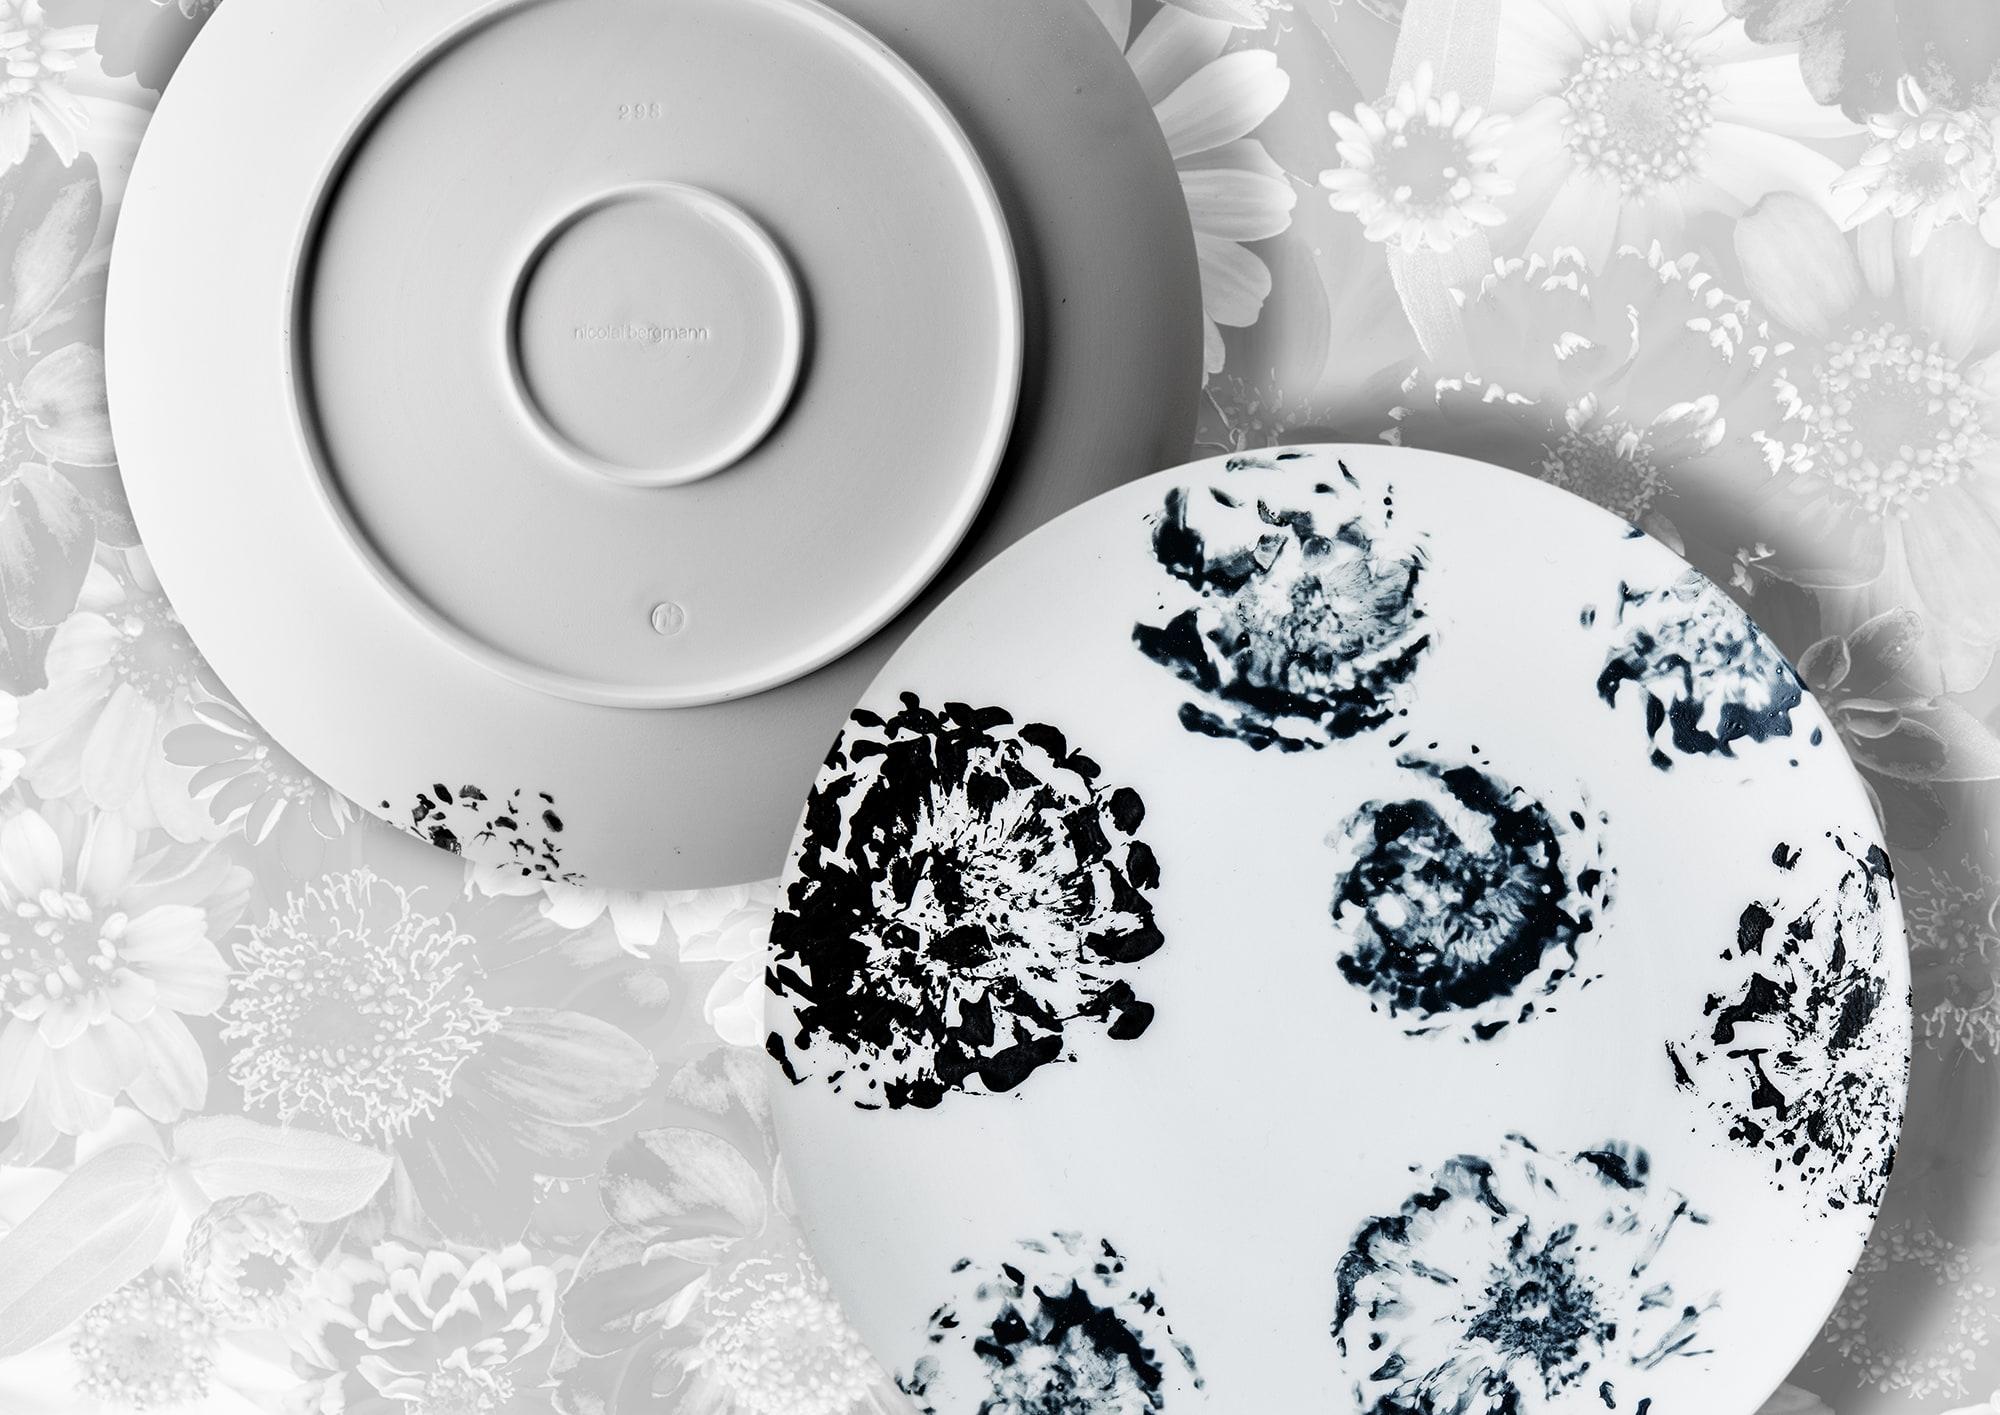 ニコライ バーグマンが、ジニアの花そのものを筆にして1枚1枚仕上げるため、1つとして同じ柄のものはない。